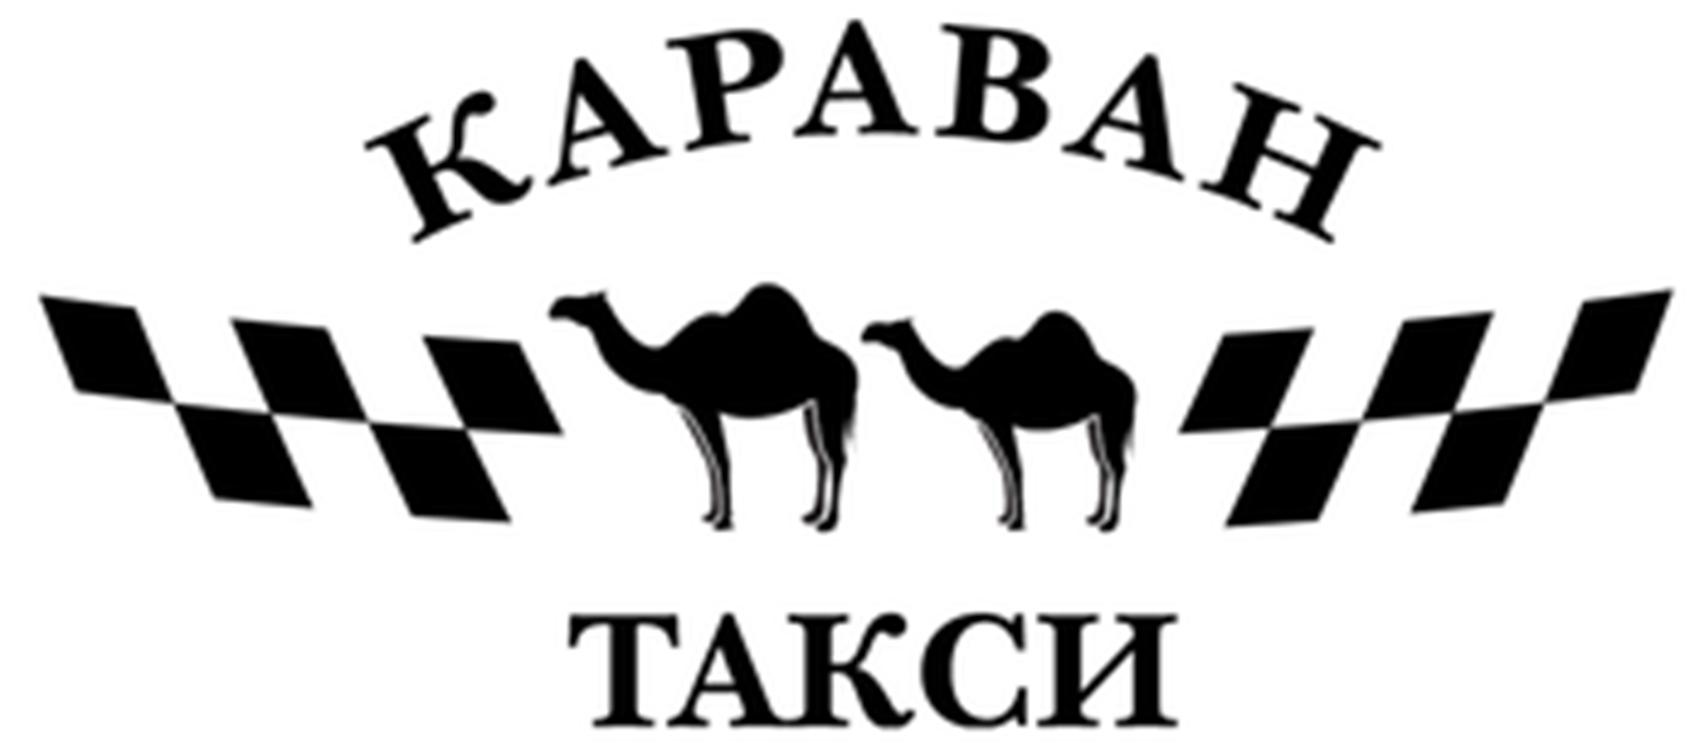 Таксі Караван  (Київ)